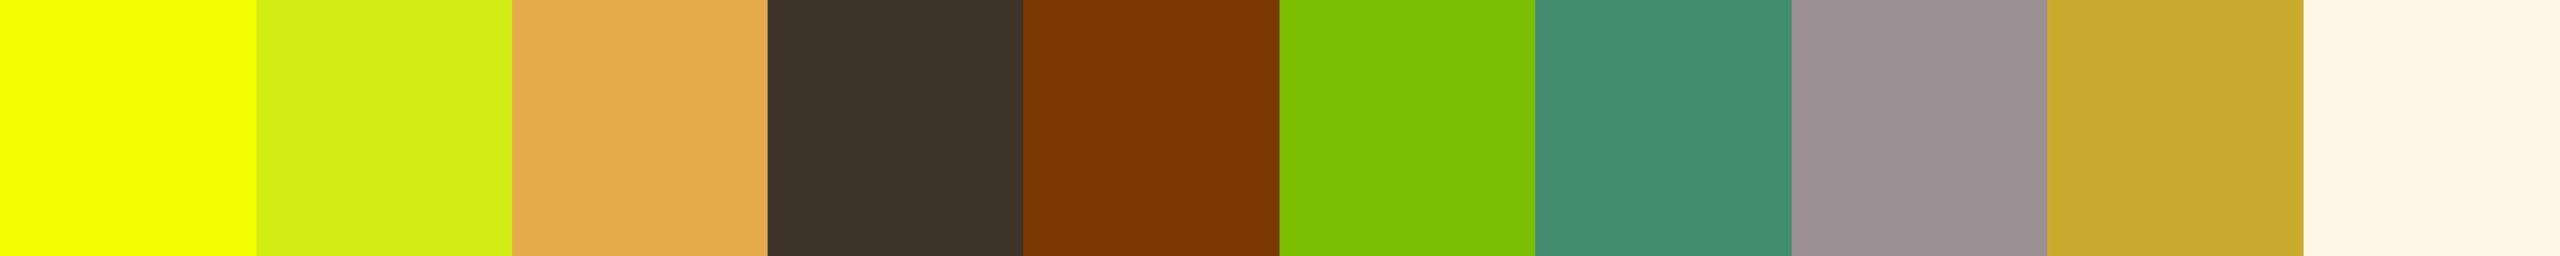 689 Fortia Color Palette